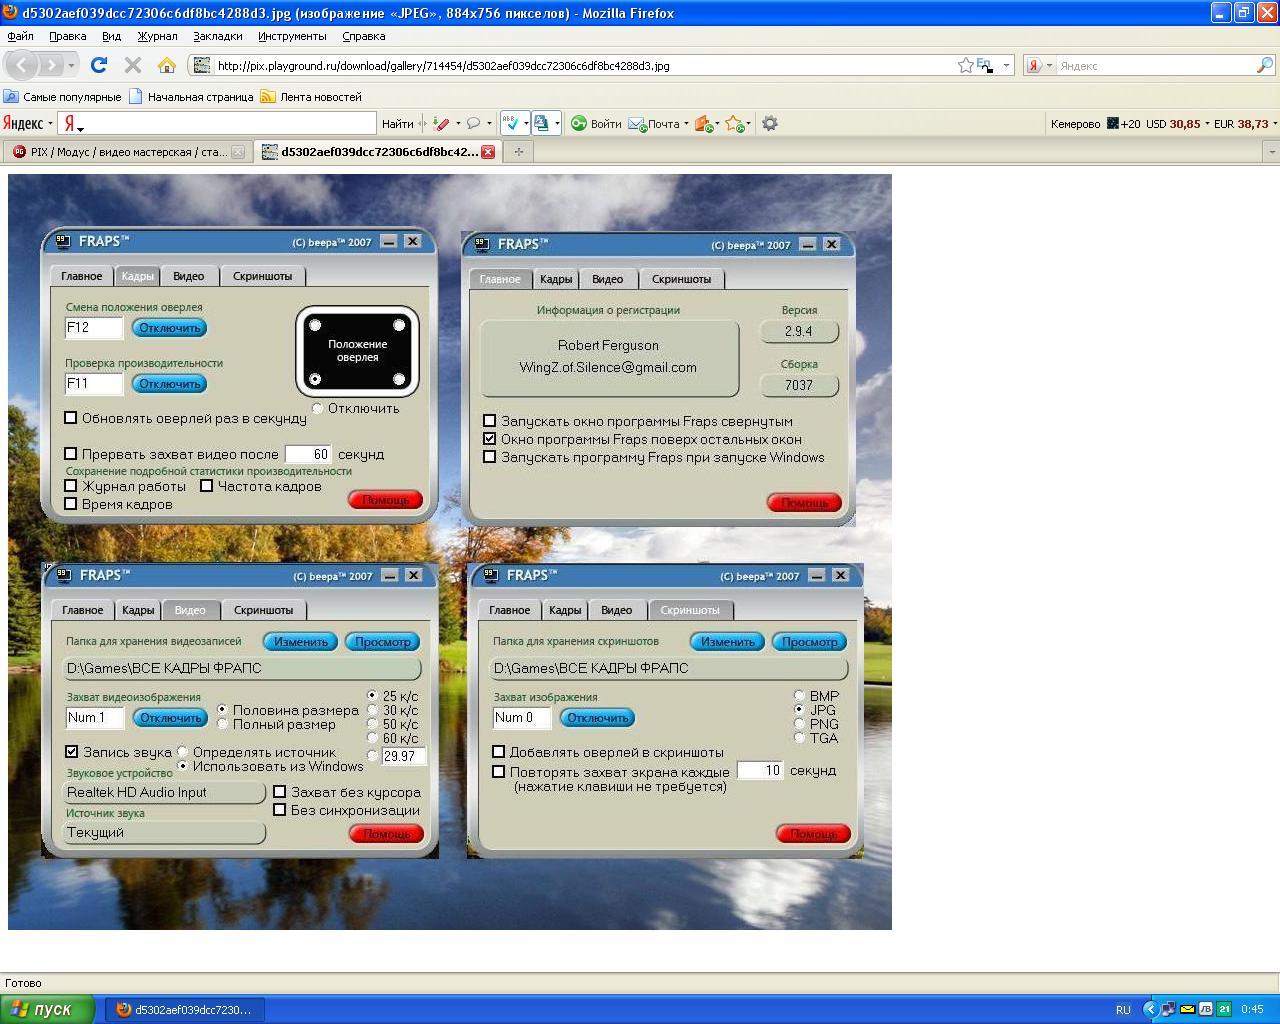 Как сделать скриншот экрана 12